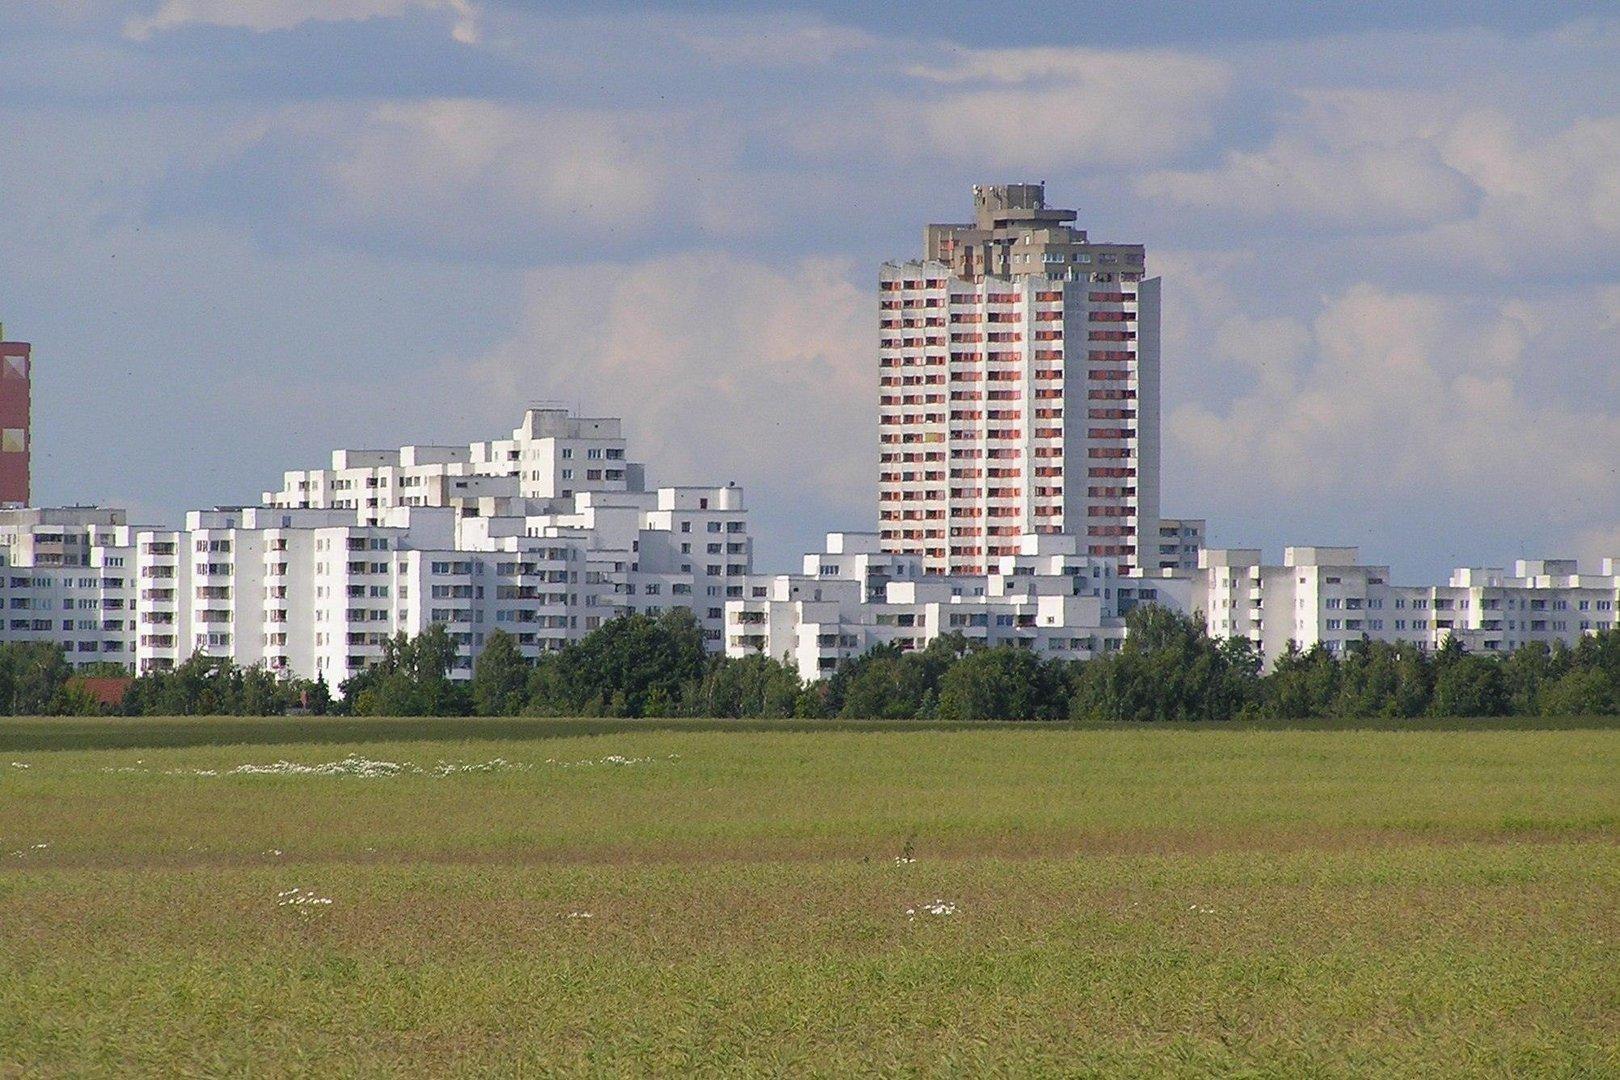 skyline berlin marienfelde vom brandenburger umland aus gesehen foto bild architektur. Black Bedroom Furniture Sets. Home Design Ideas